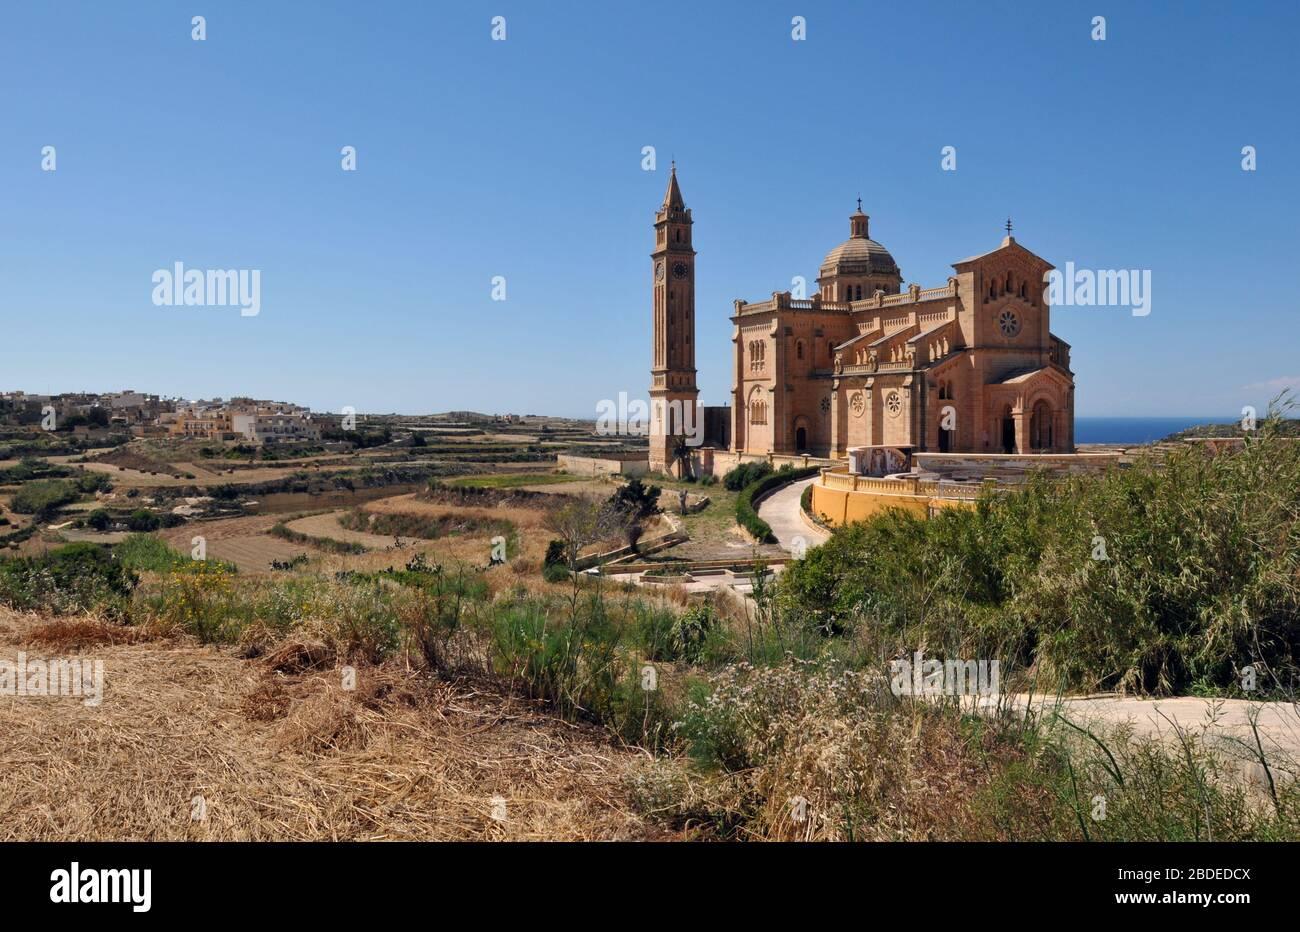 Le sanctuaire national de Ta' Pinu à Gharb sur l'île de Gozo, Malte, est une destination populaire pour les touristes et les pèlerins, et a été consacré en 1932. Banque D'Images